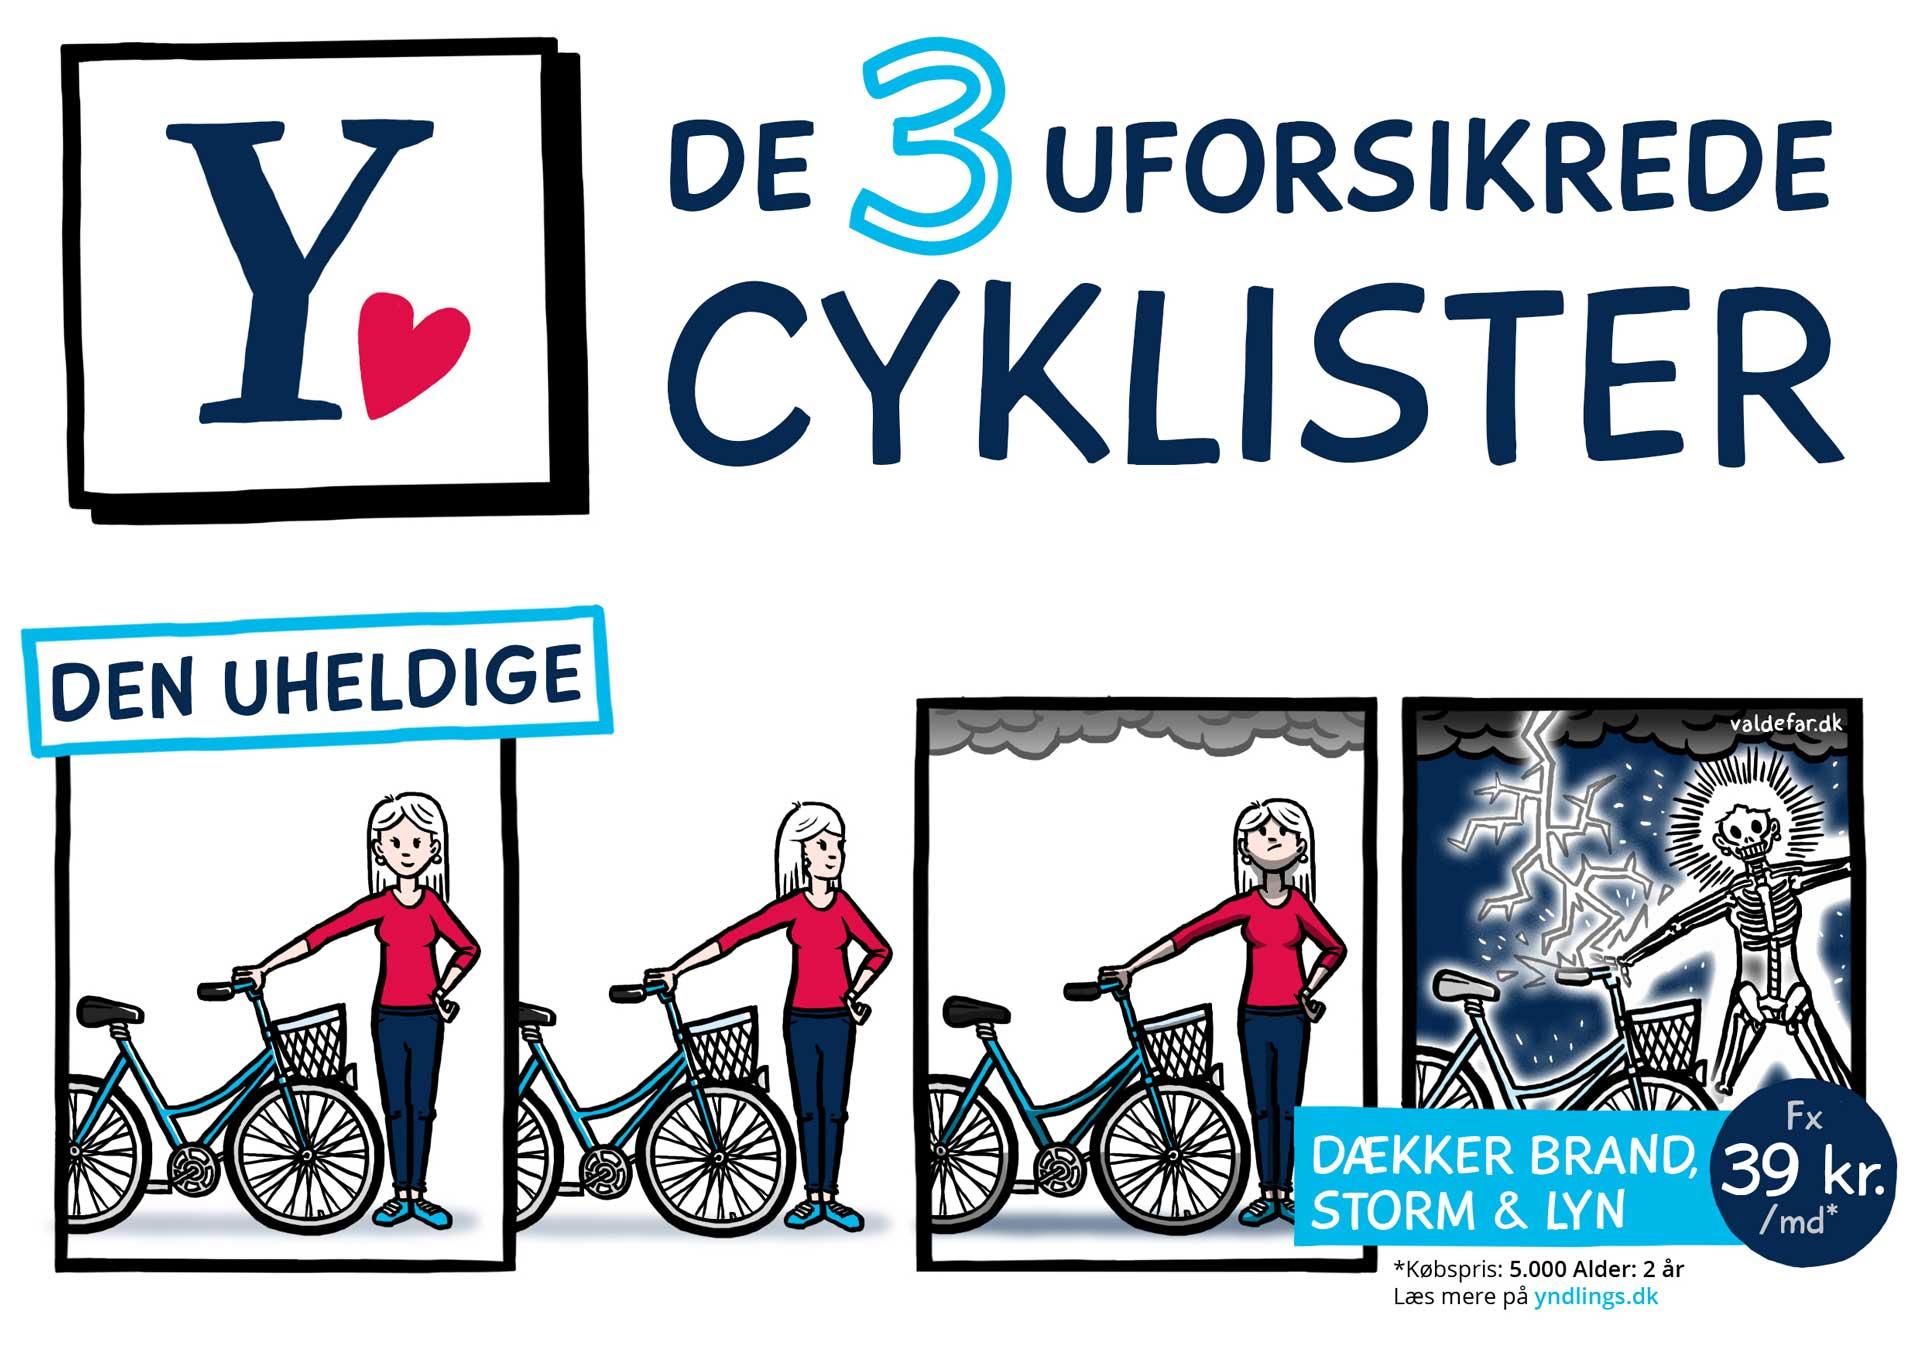 Tegneseriestriber for Alm Brand: De 3 uforsikrede cyklister / Den uheldige